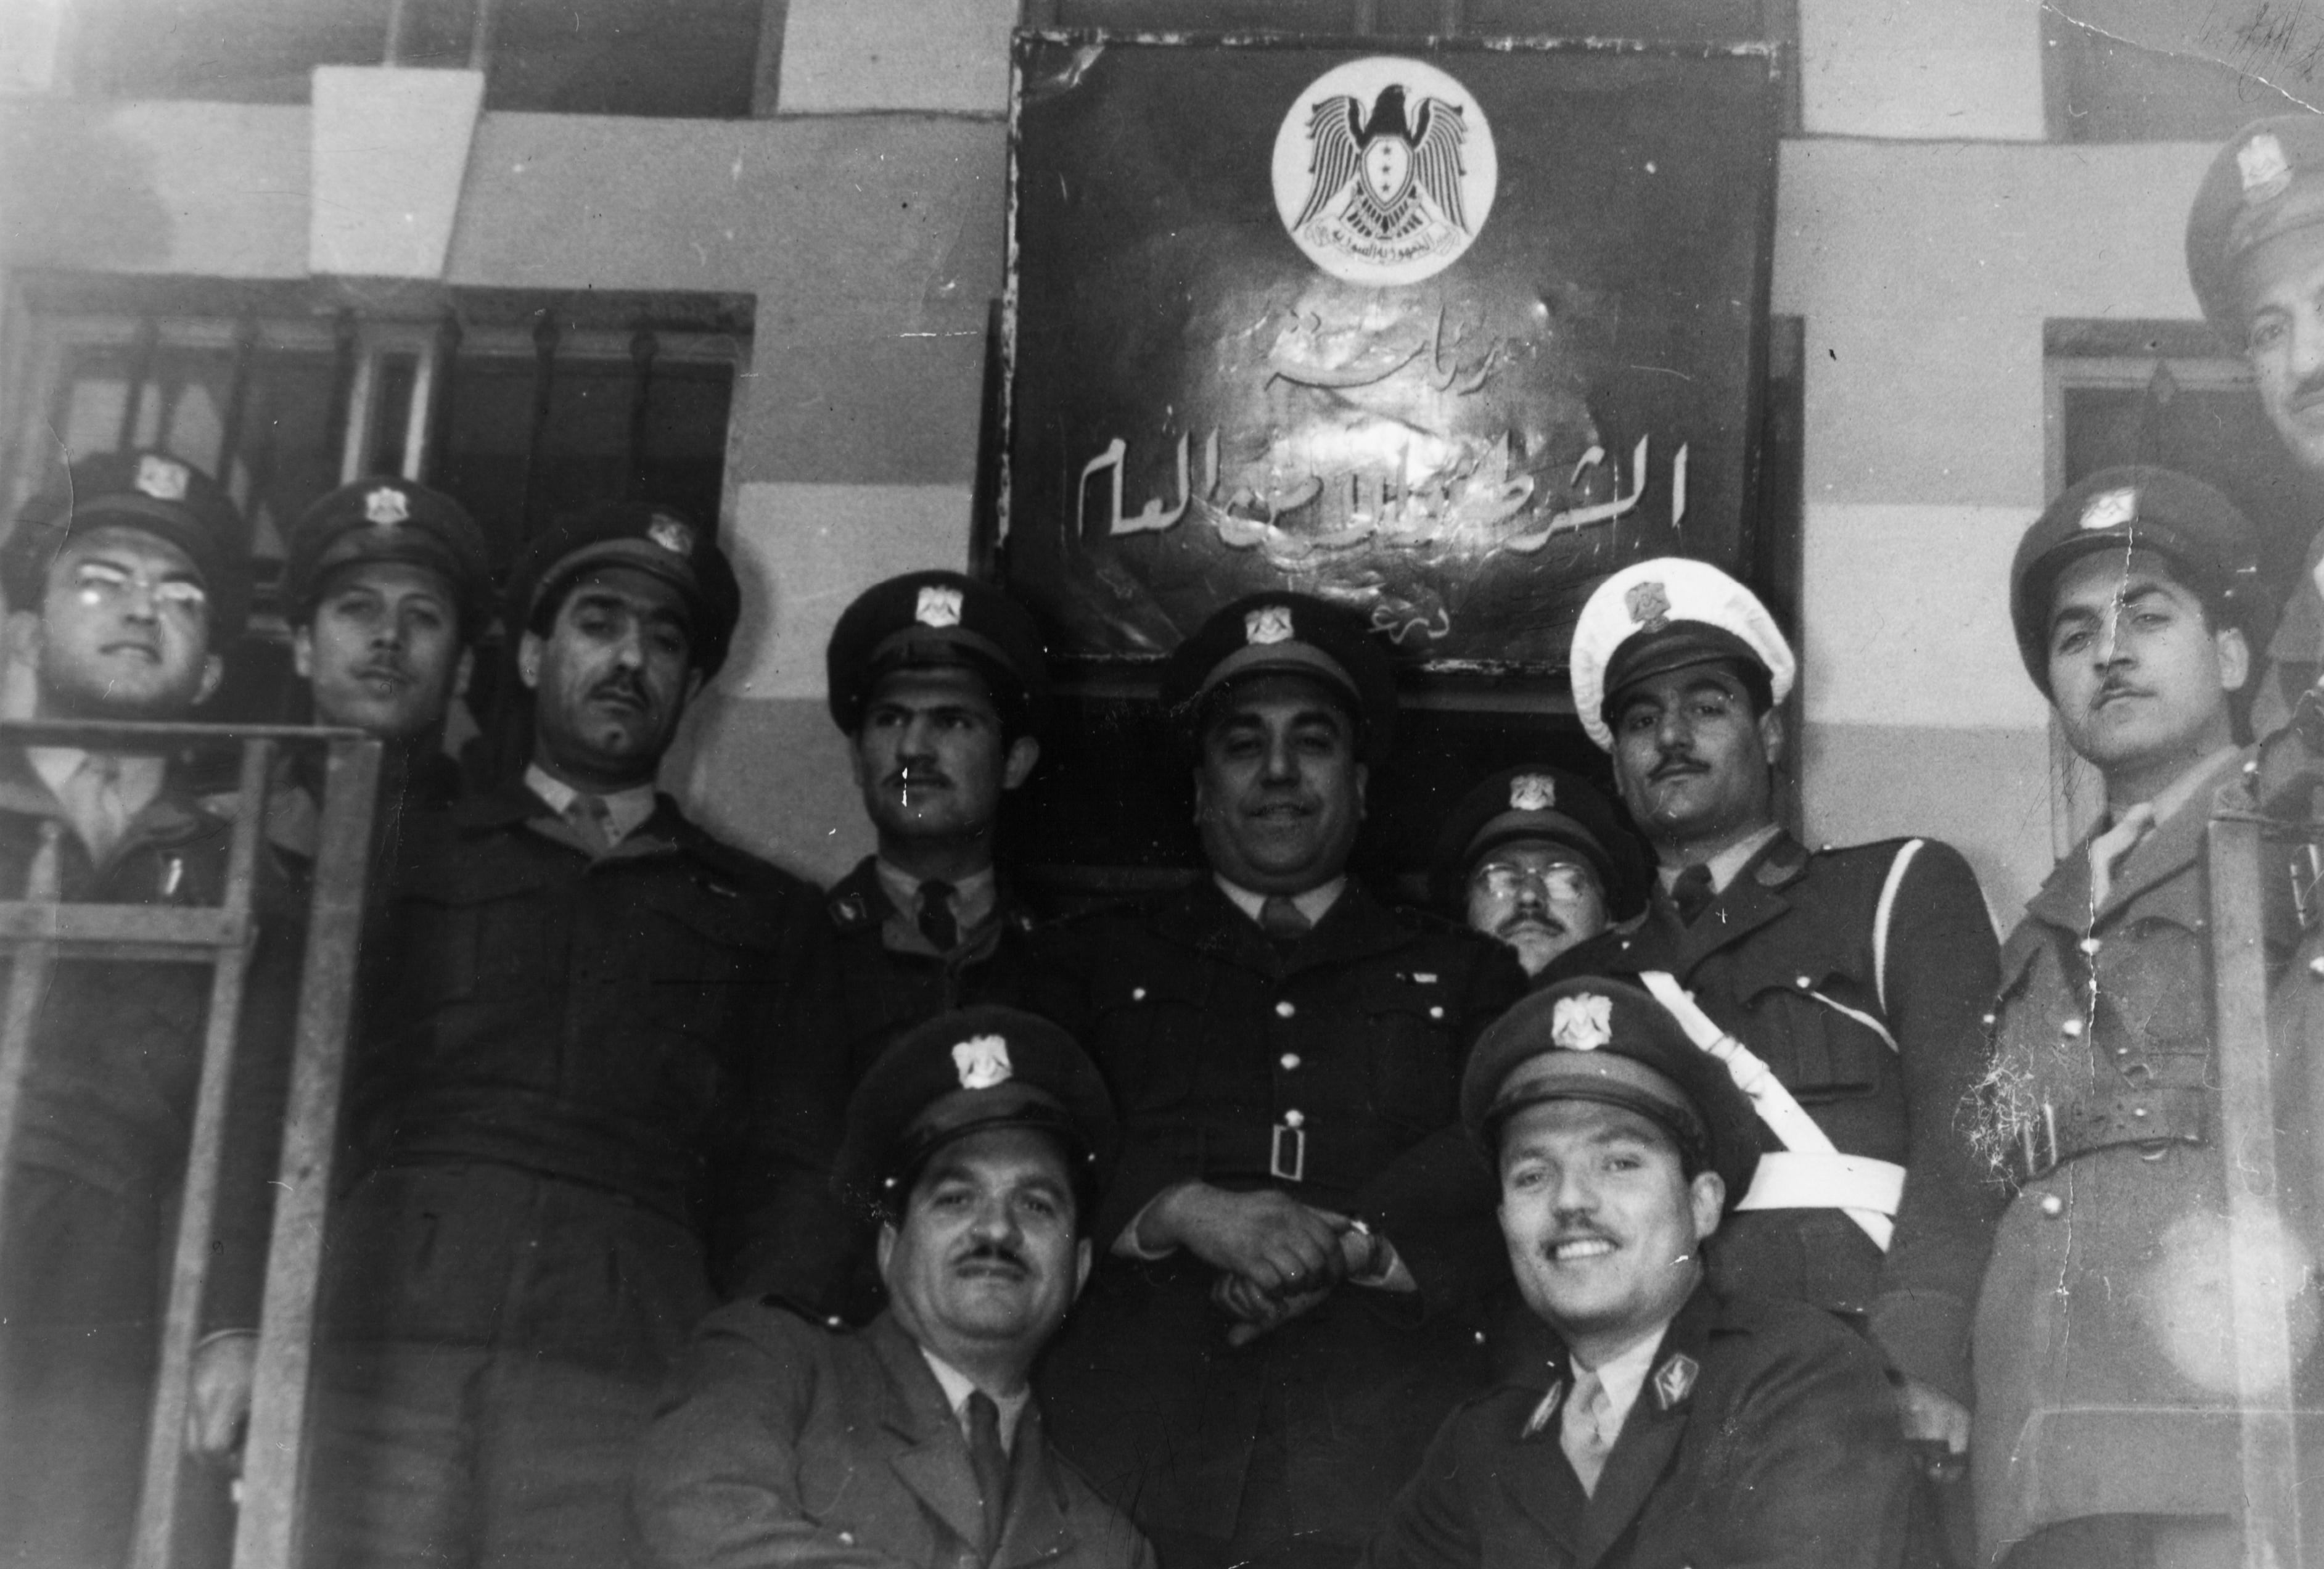 موفق البقاعي مع بعض الضباط أمام مبنى الشرطة والأمن العام في درعا